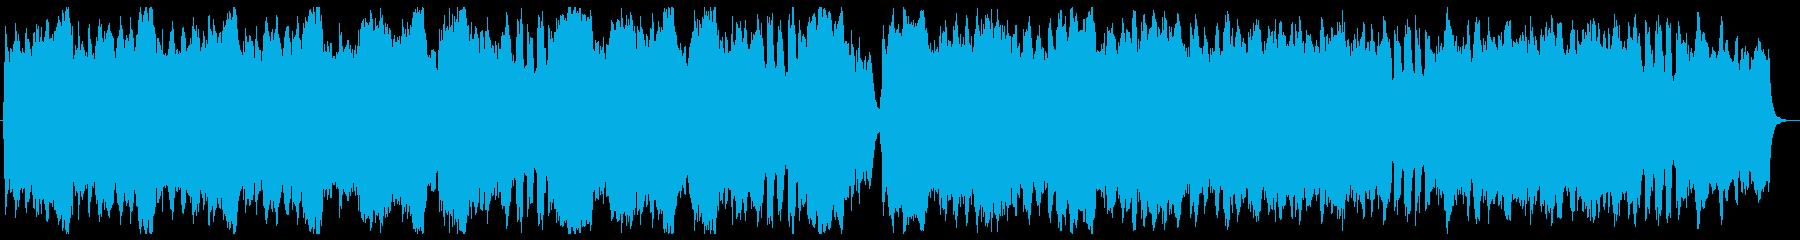 荒野の果てに オルゴール&Str.の再生済みの波形